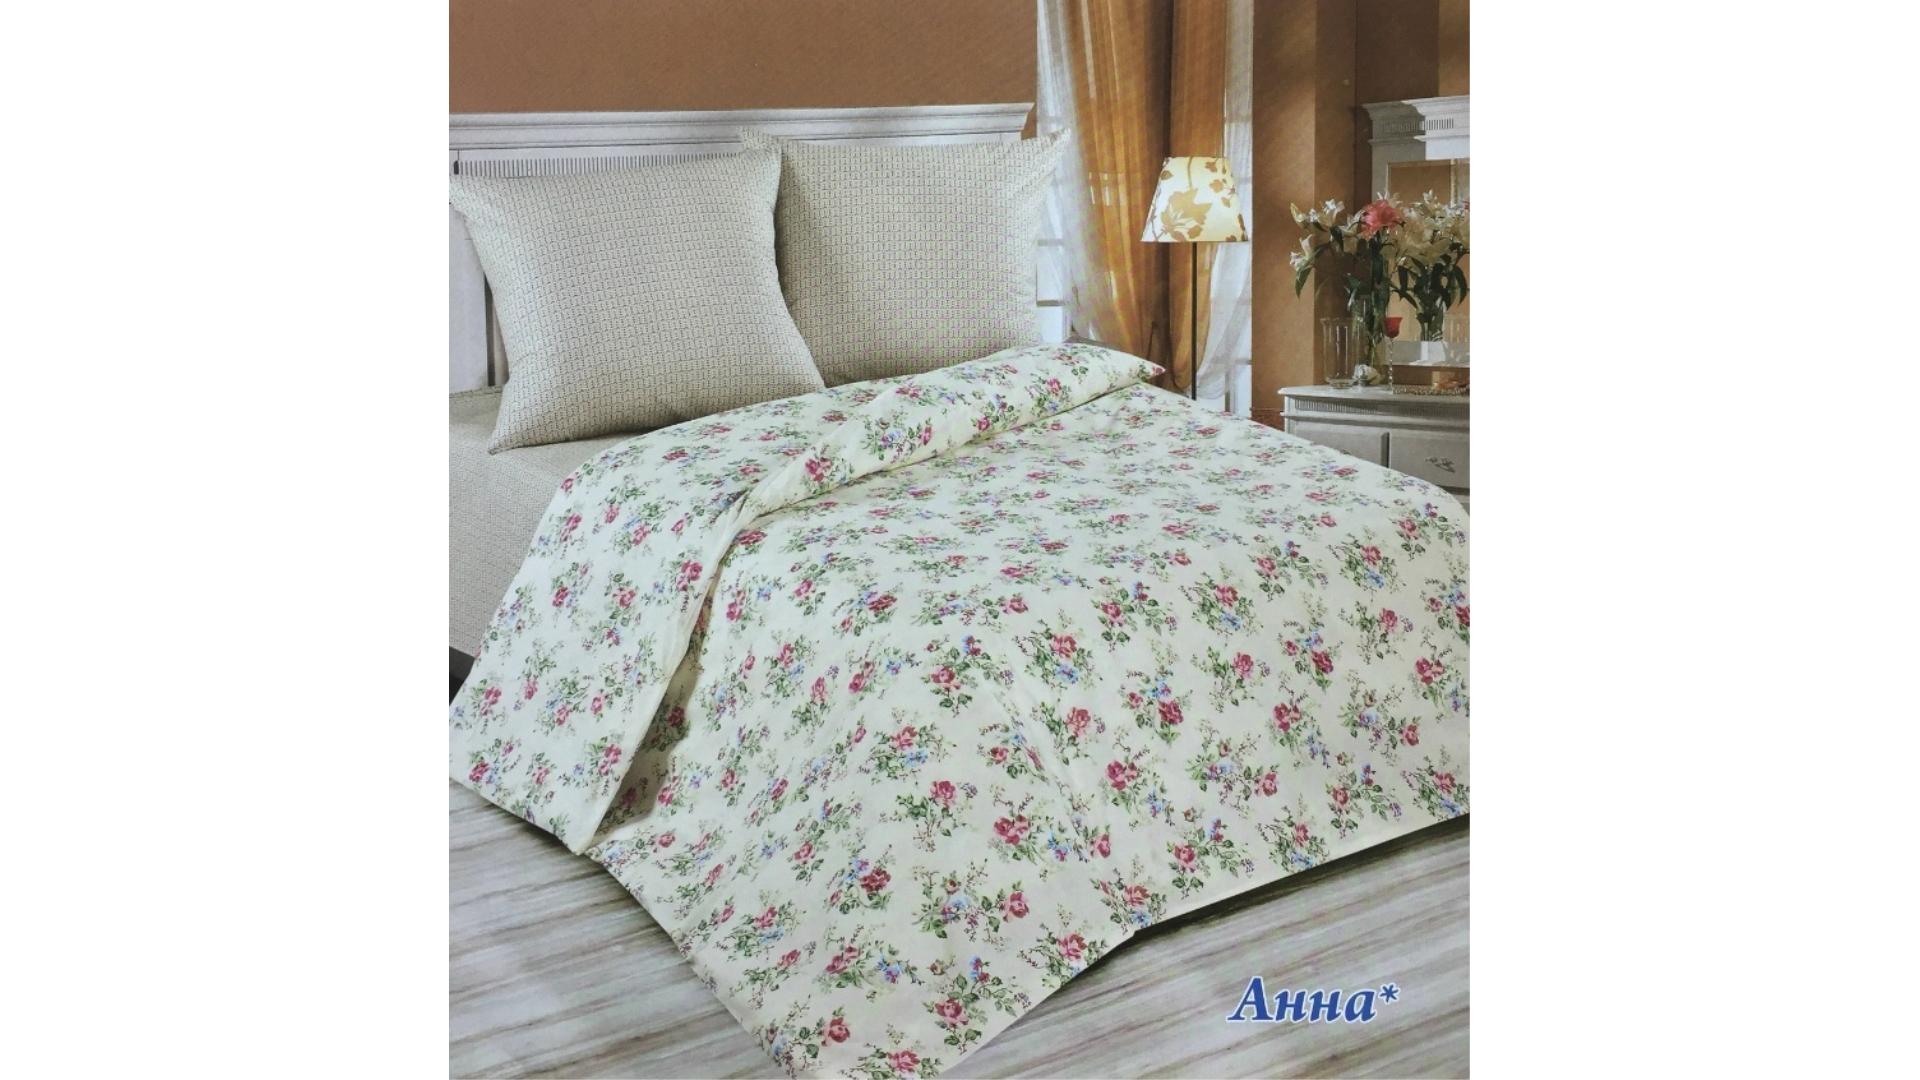 Комплект постельного белья Экзотика (Анна*)  фото FullHD (0)